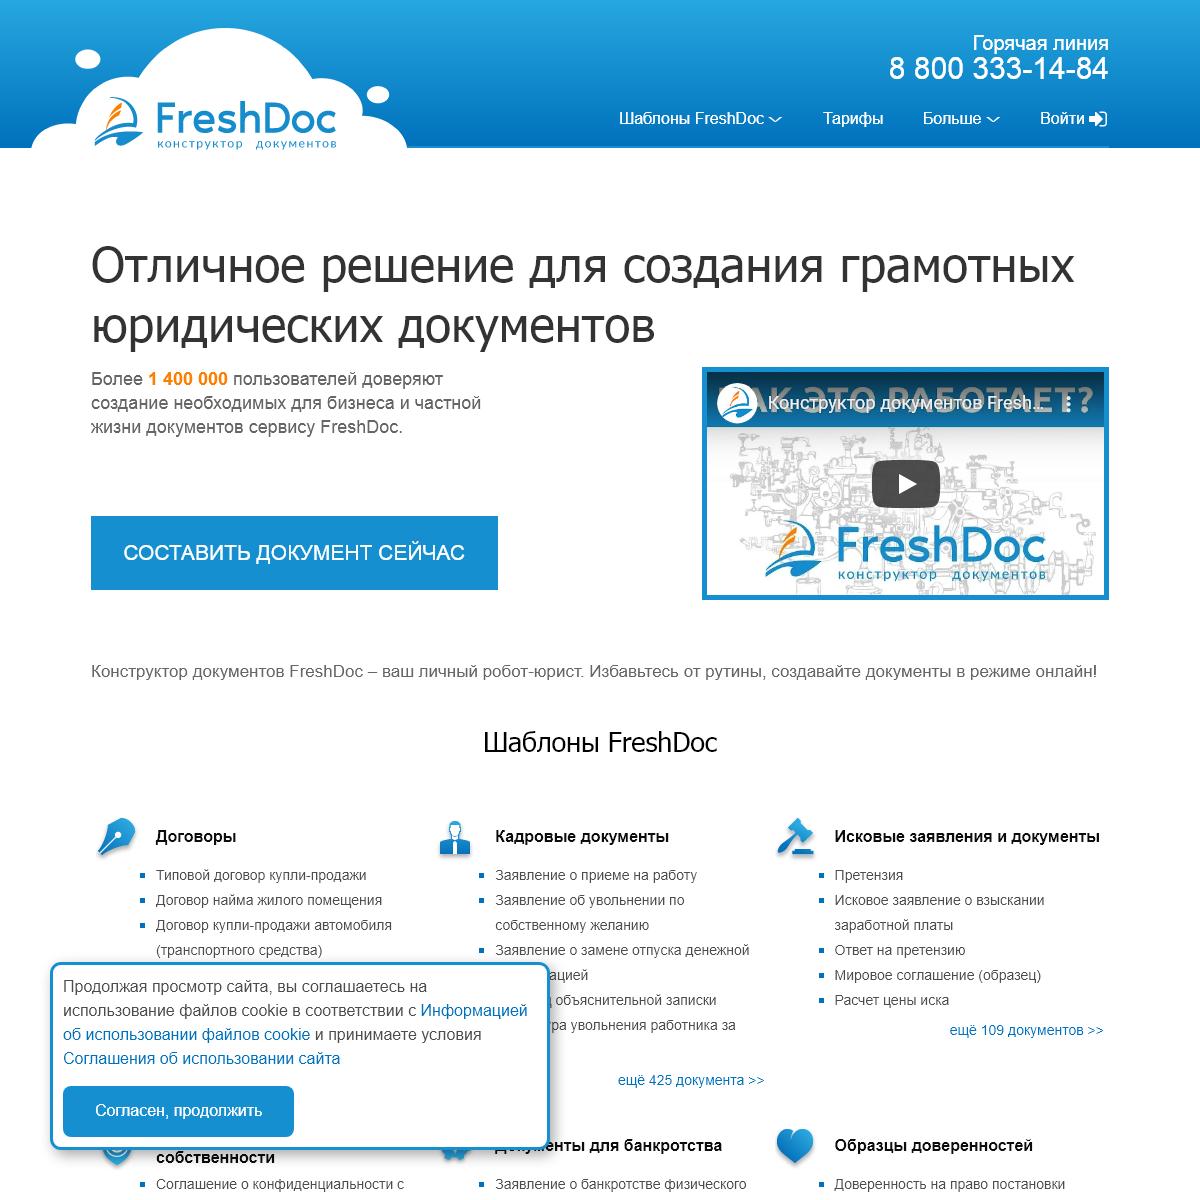 Конструктор документов - Составить и настроить любой тип договора онл